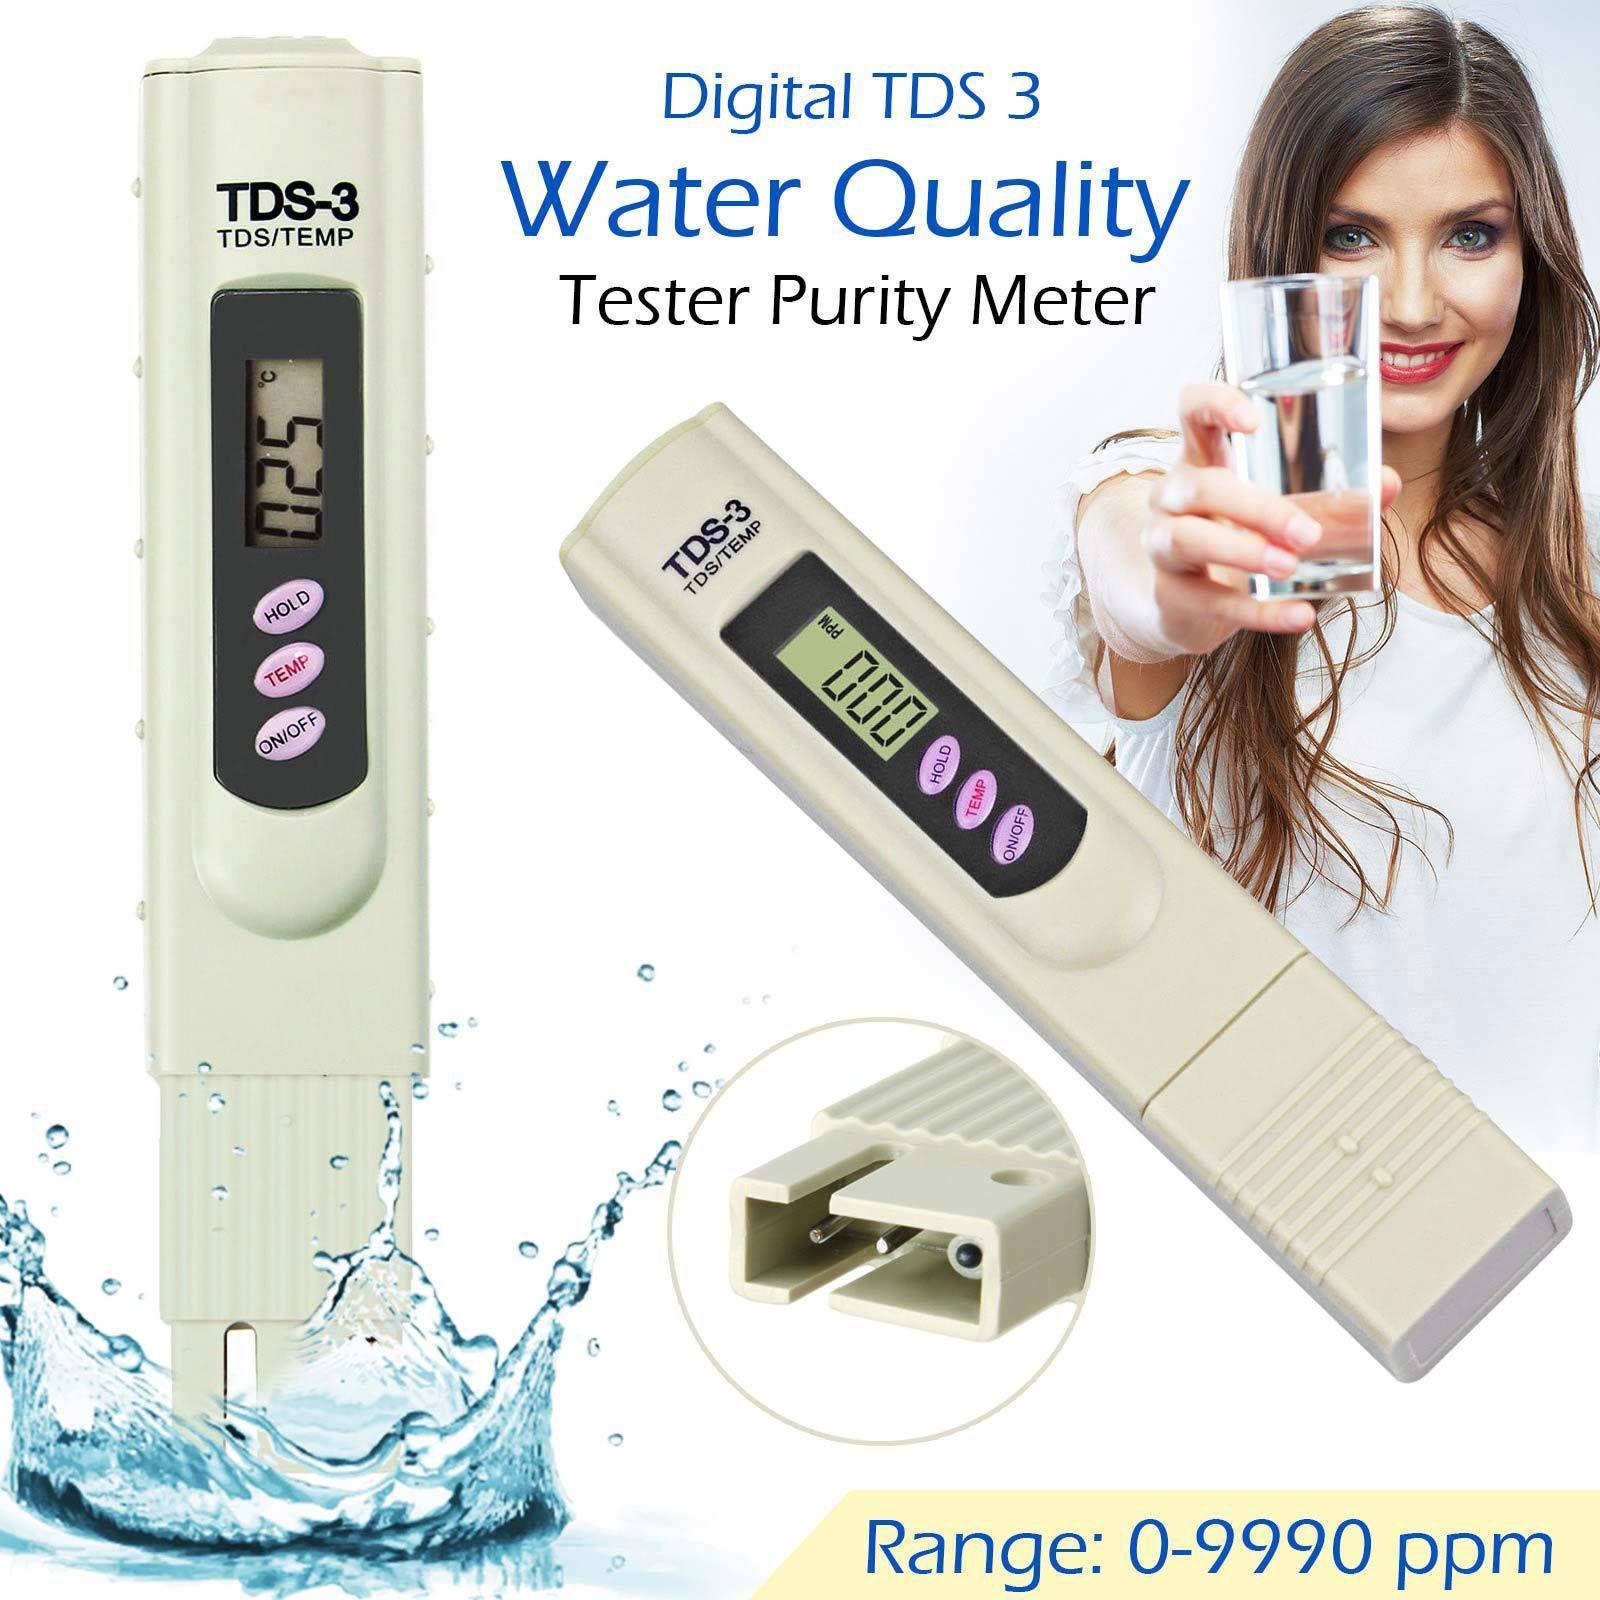 Thiết bị kiểm tra chất lượng nước, bút đo độ tinh khiết của nước, bút đo ph nước, cách sử dụng bút thử nước, Bút thử nước TDS-3 có độ chính xác cao, tiết kiệm thời gian, an toàn. Bảo hành 1 đổi 1